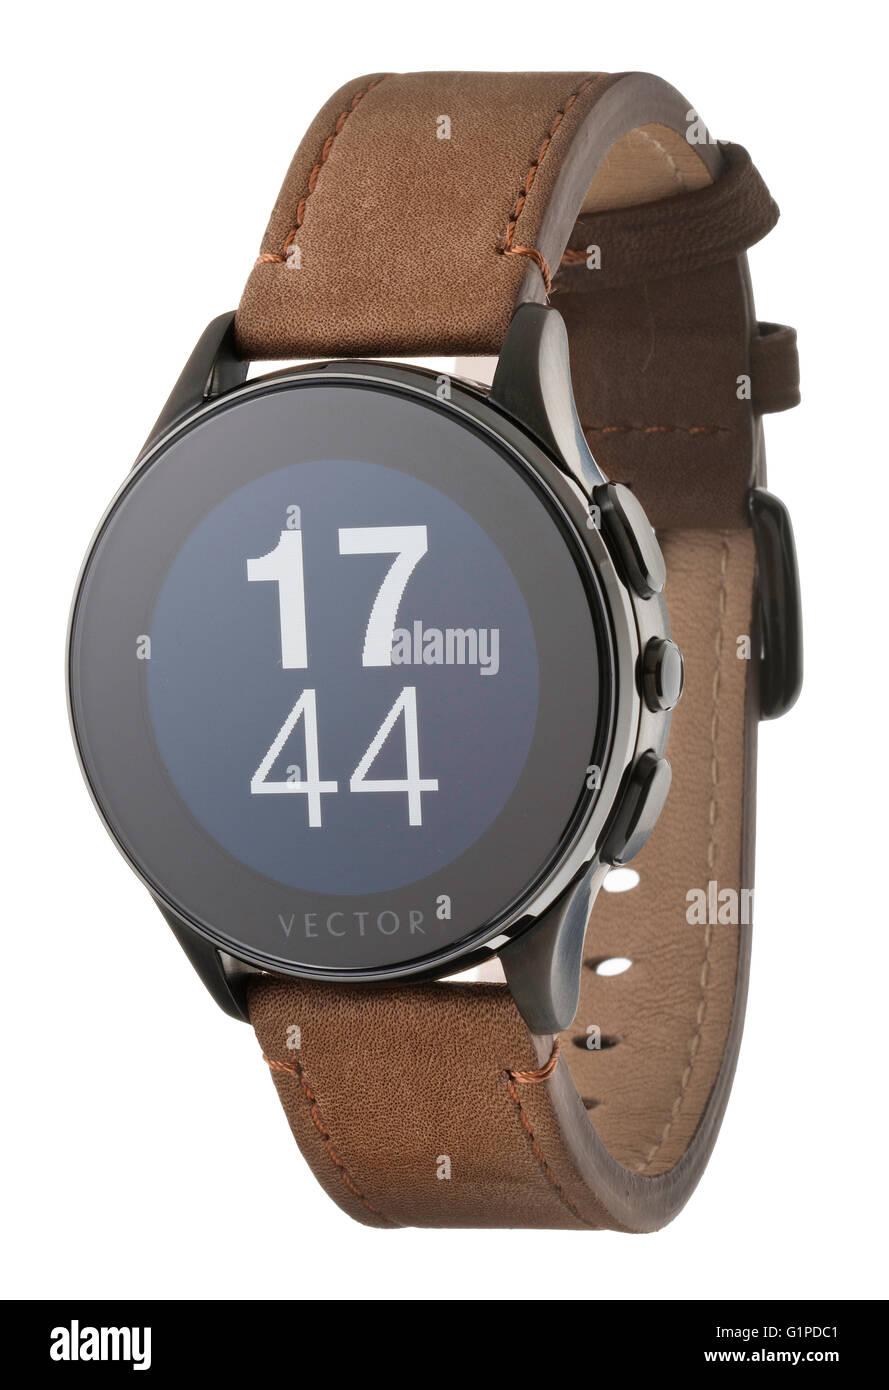 Vector Luna Smart Watch - Stock Image